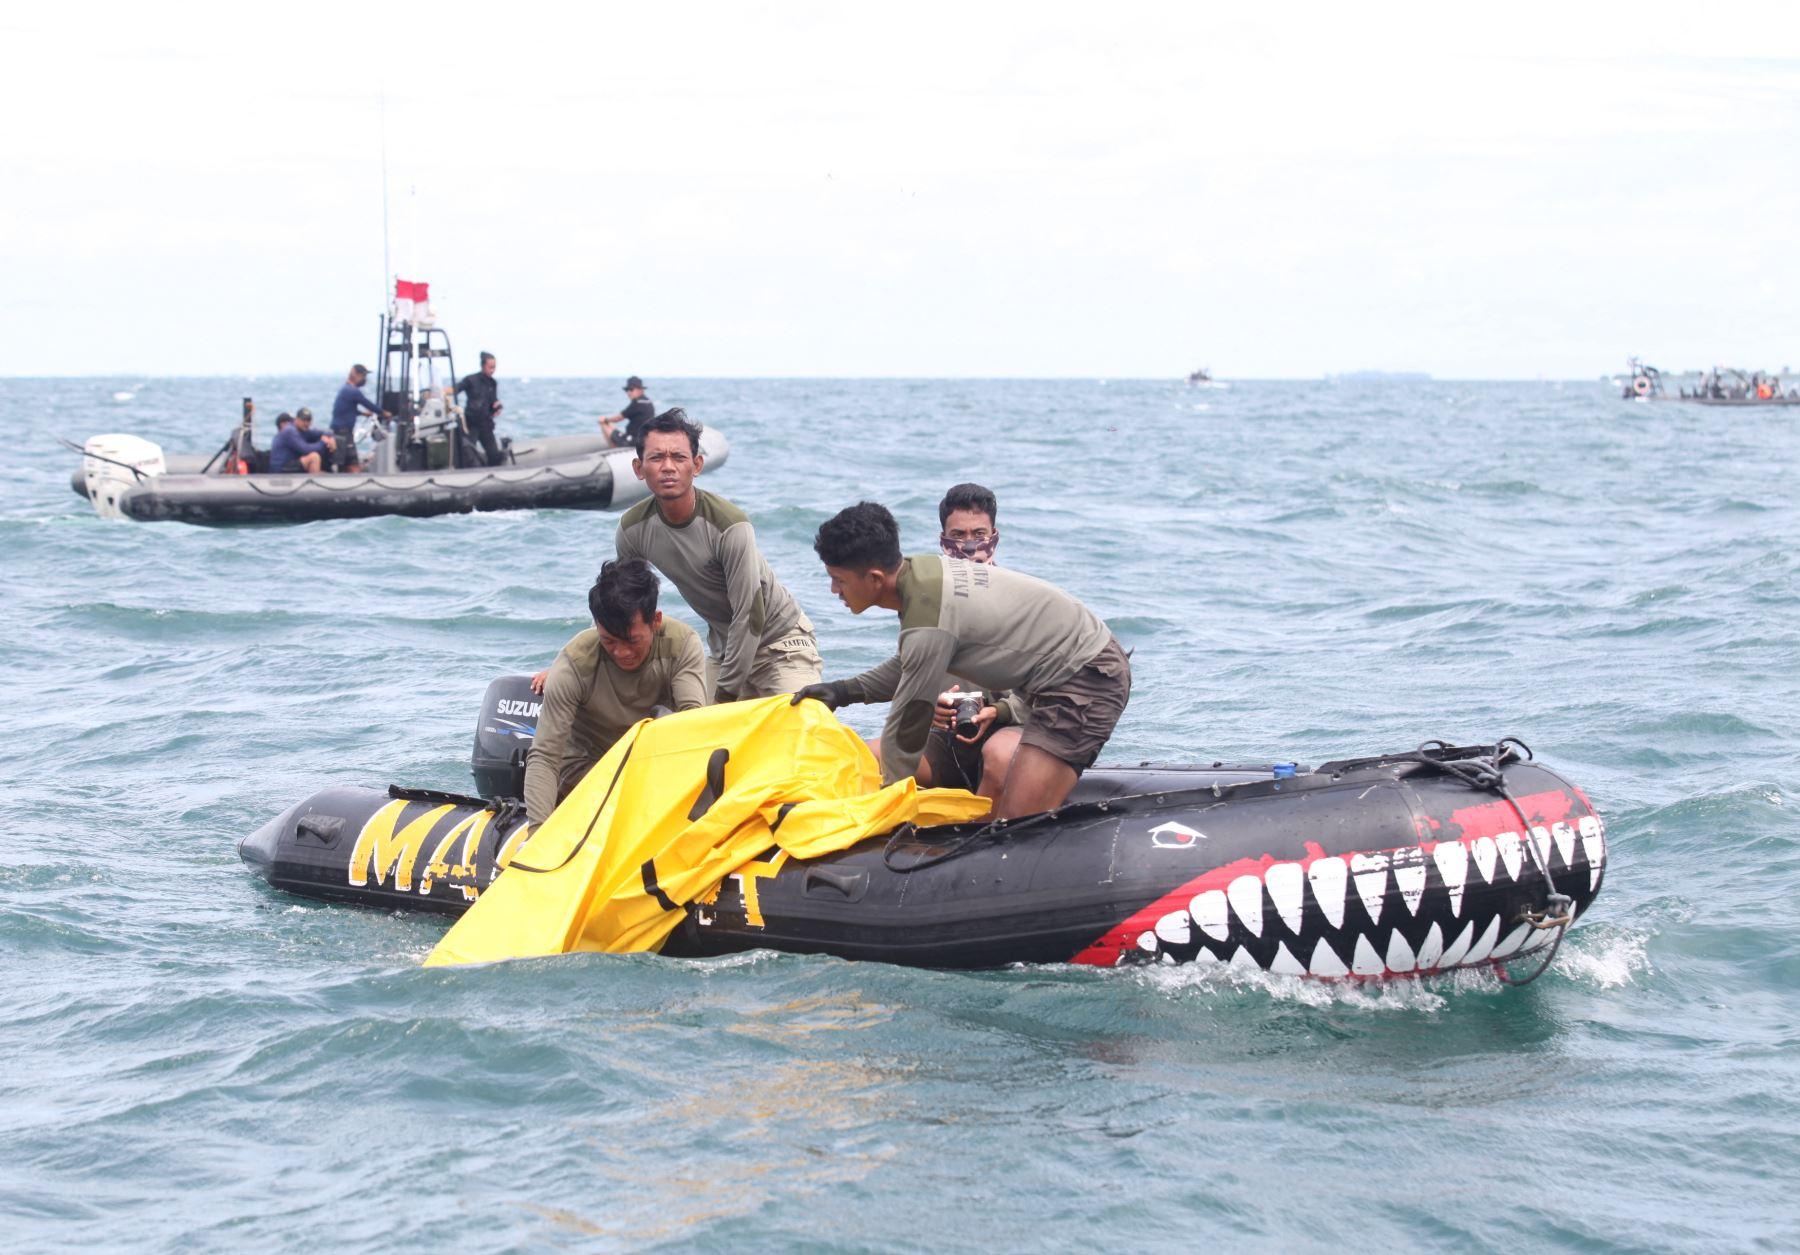 Un buzo de la marina prepara el registrador de datos de vuelo antes de una conferencia de prensa mientras el equipo de búsqueda y rescate realiza operaciones frente a la costa para el vuelo SJ182 Boeing 737-500 de Sriwijaya Air que se estrelló el 9 de enero en el puerto de Tanjung Priok en Yakarta. Foto: AFP